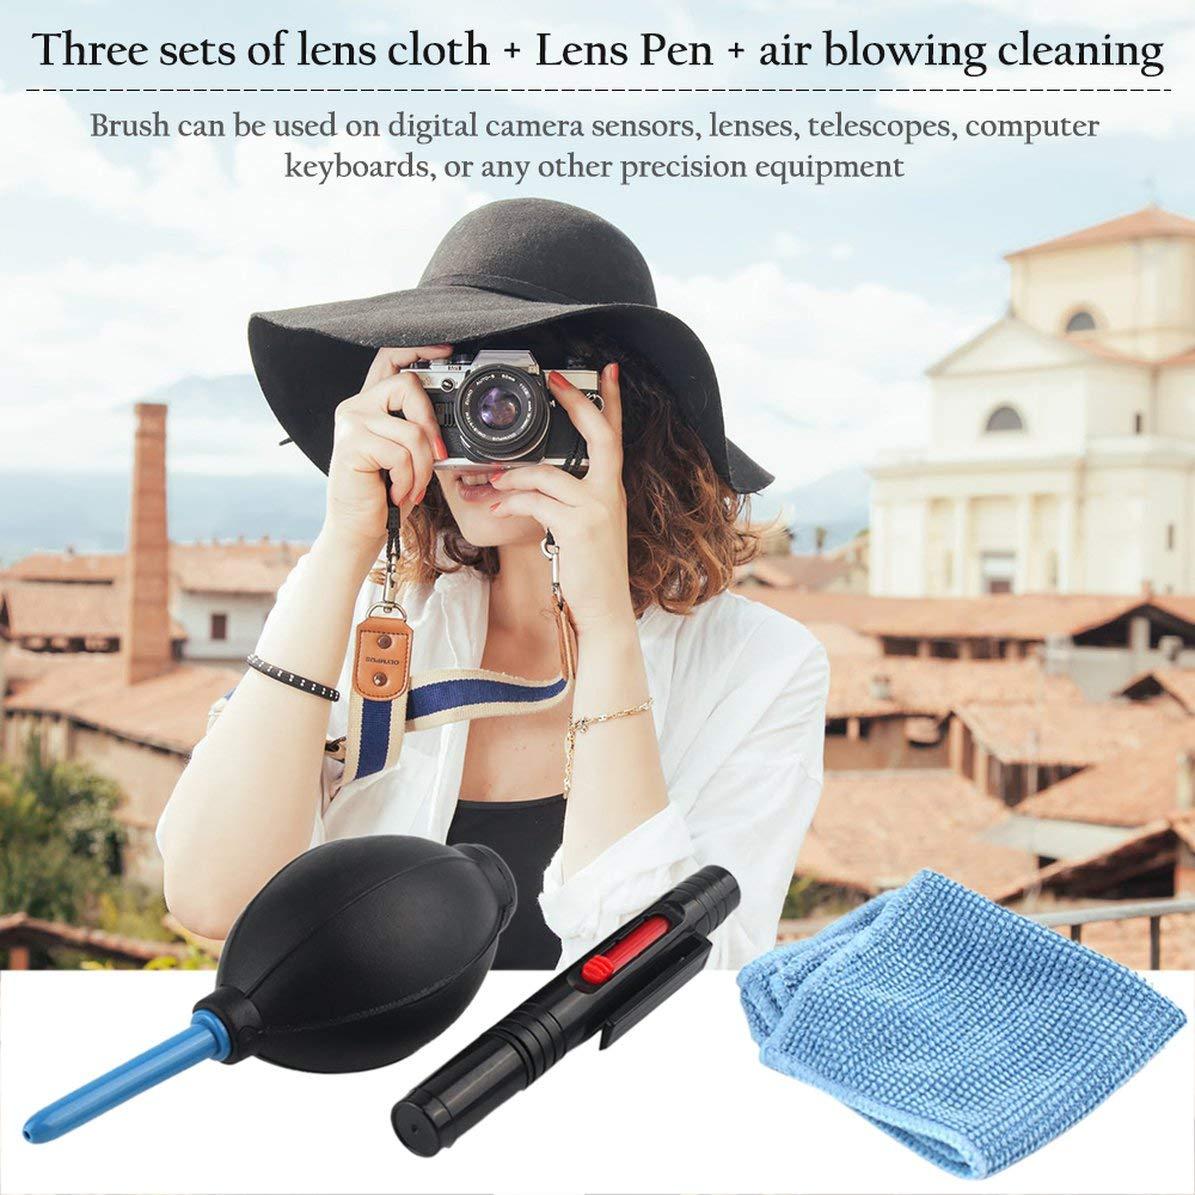 Spazzola per panno di pulizia e aeratore in 1 set Kit di pulizia per fotocamera digitale Fotografia polveri Filtro aria professionale Blu nero WEIWEITOE